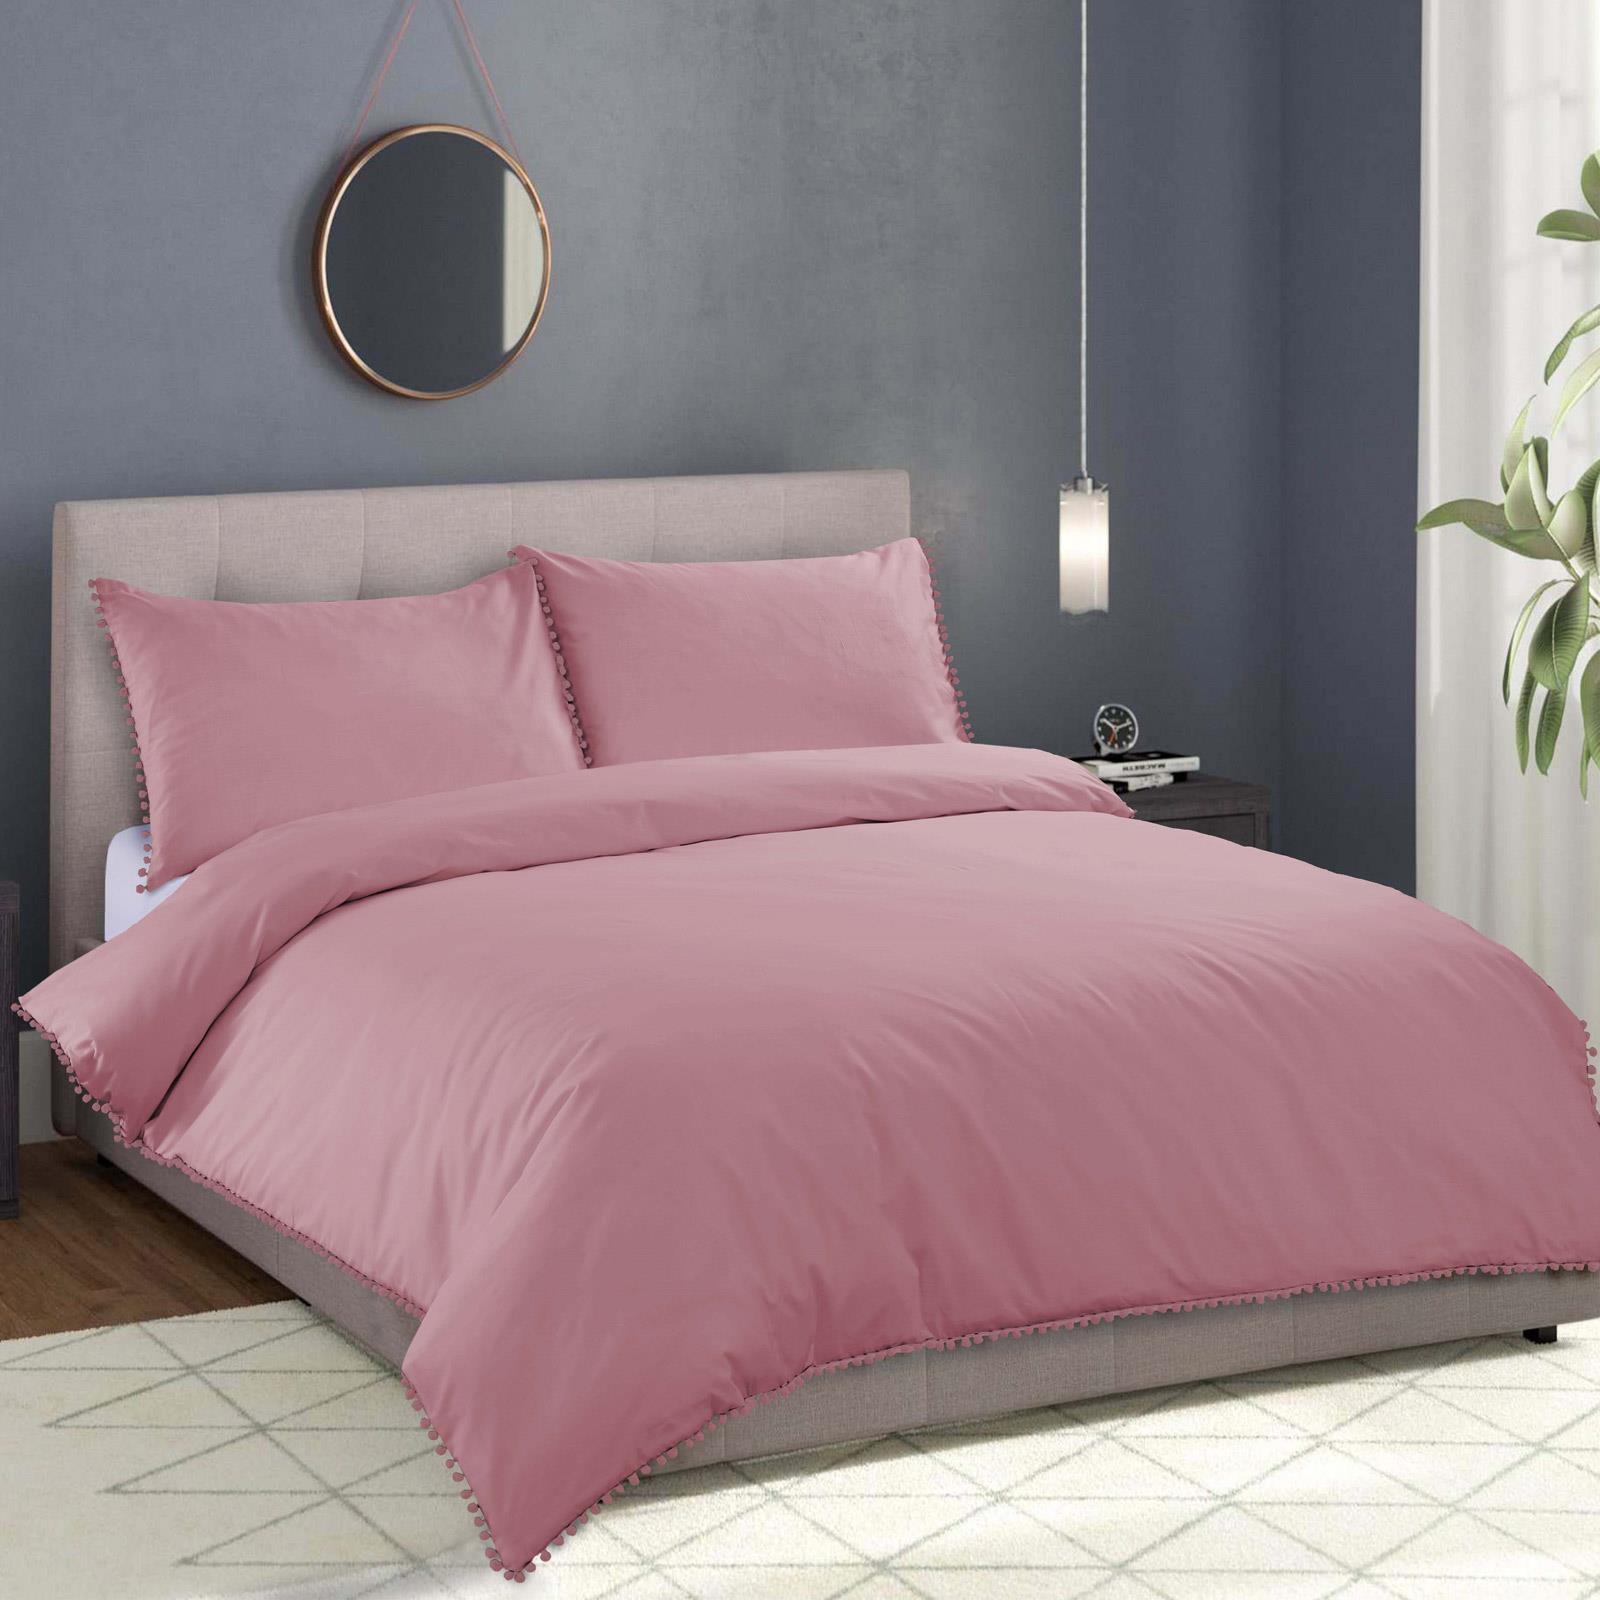 NEW Plain Pom Pom Luxury Bedding Duvet Quilt Cover Pillowcases All Sizes